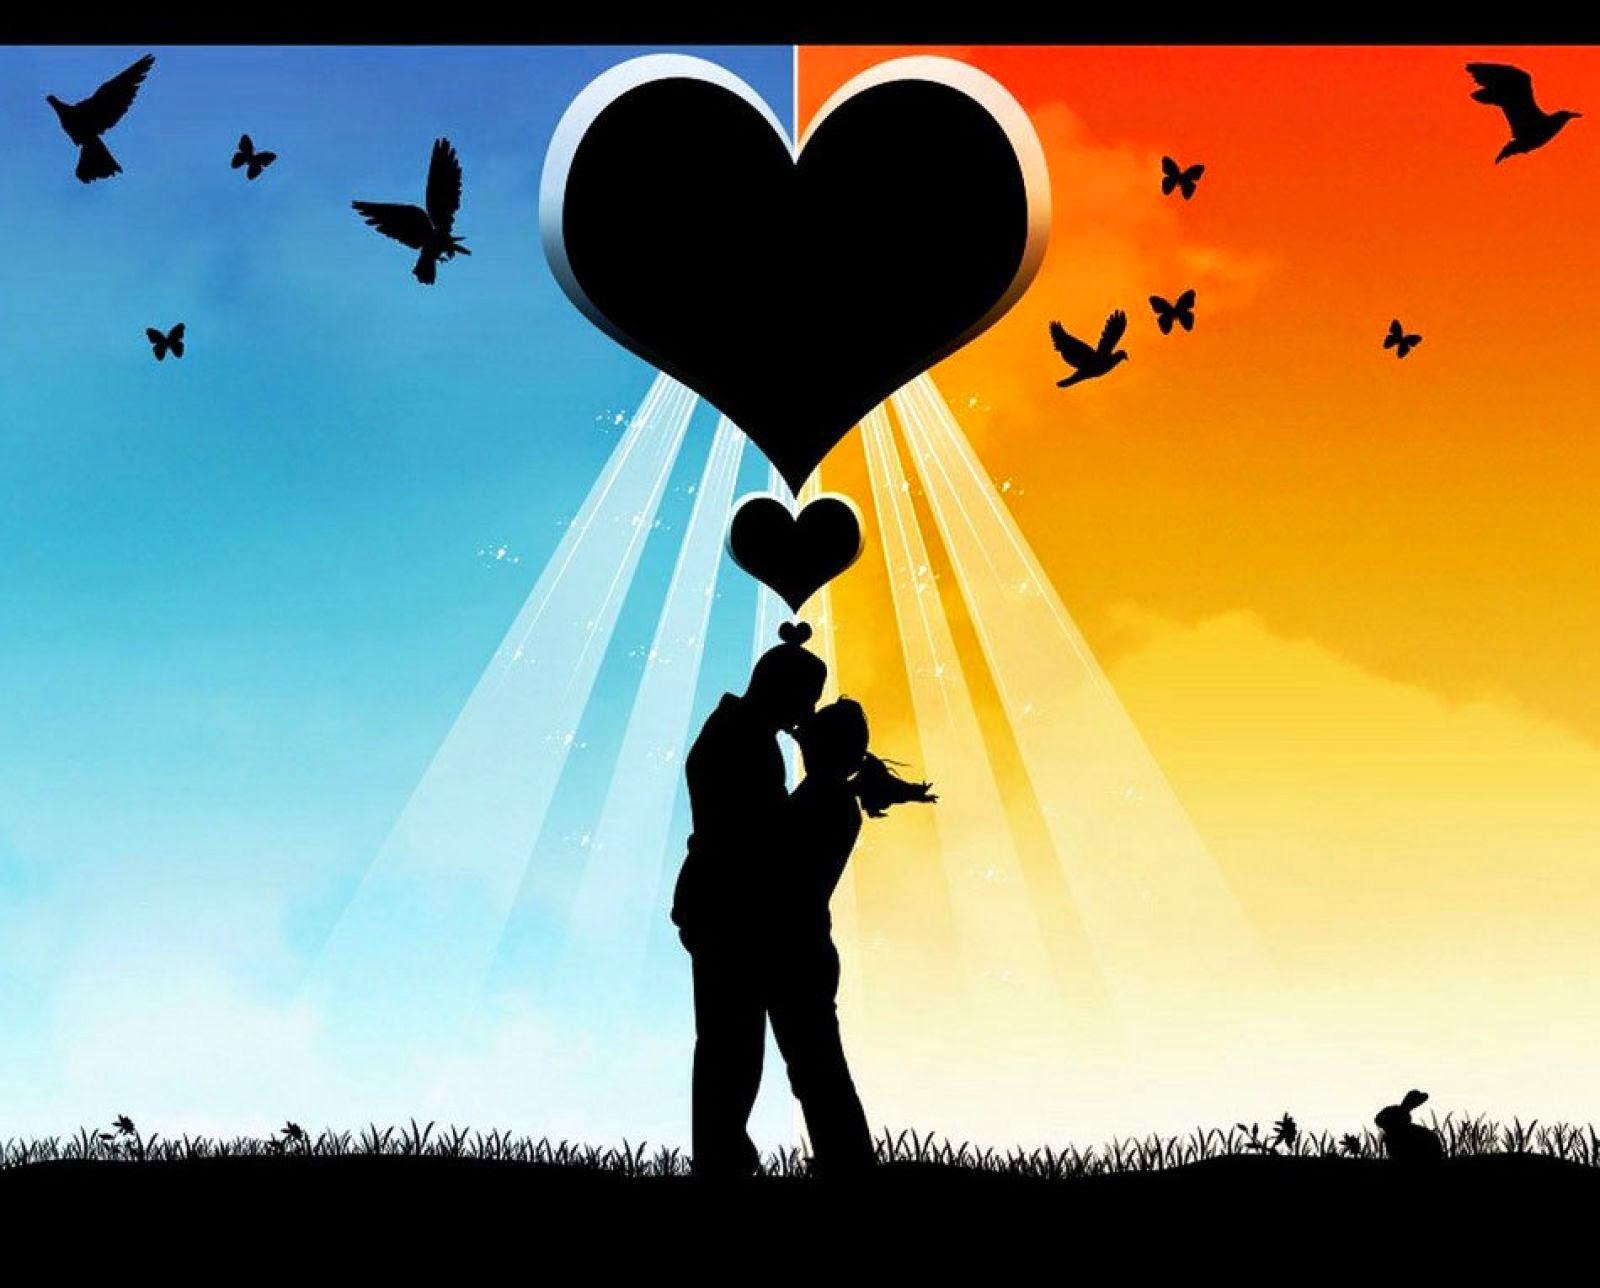 Frases de amor, sueños, miradas, susurros, recuerdo, glorioso.